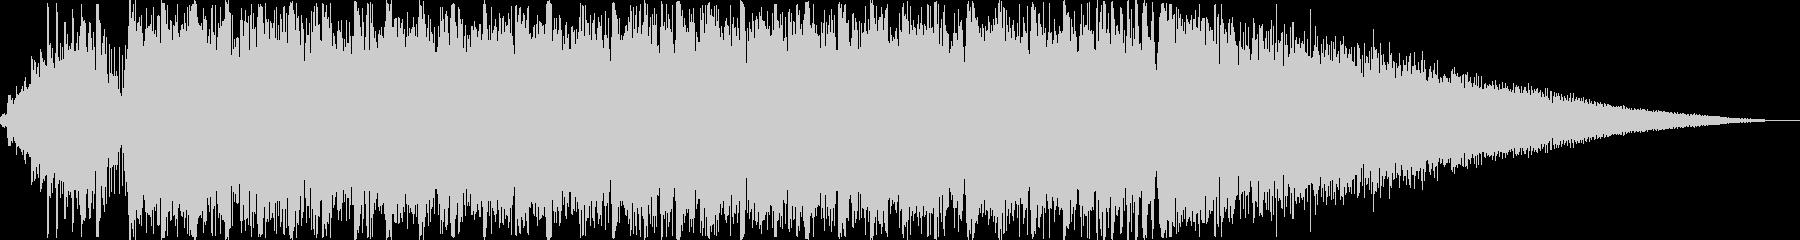 デジタルエピックロック曲のサウンドロゴの未再生の波形